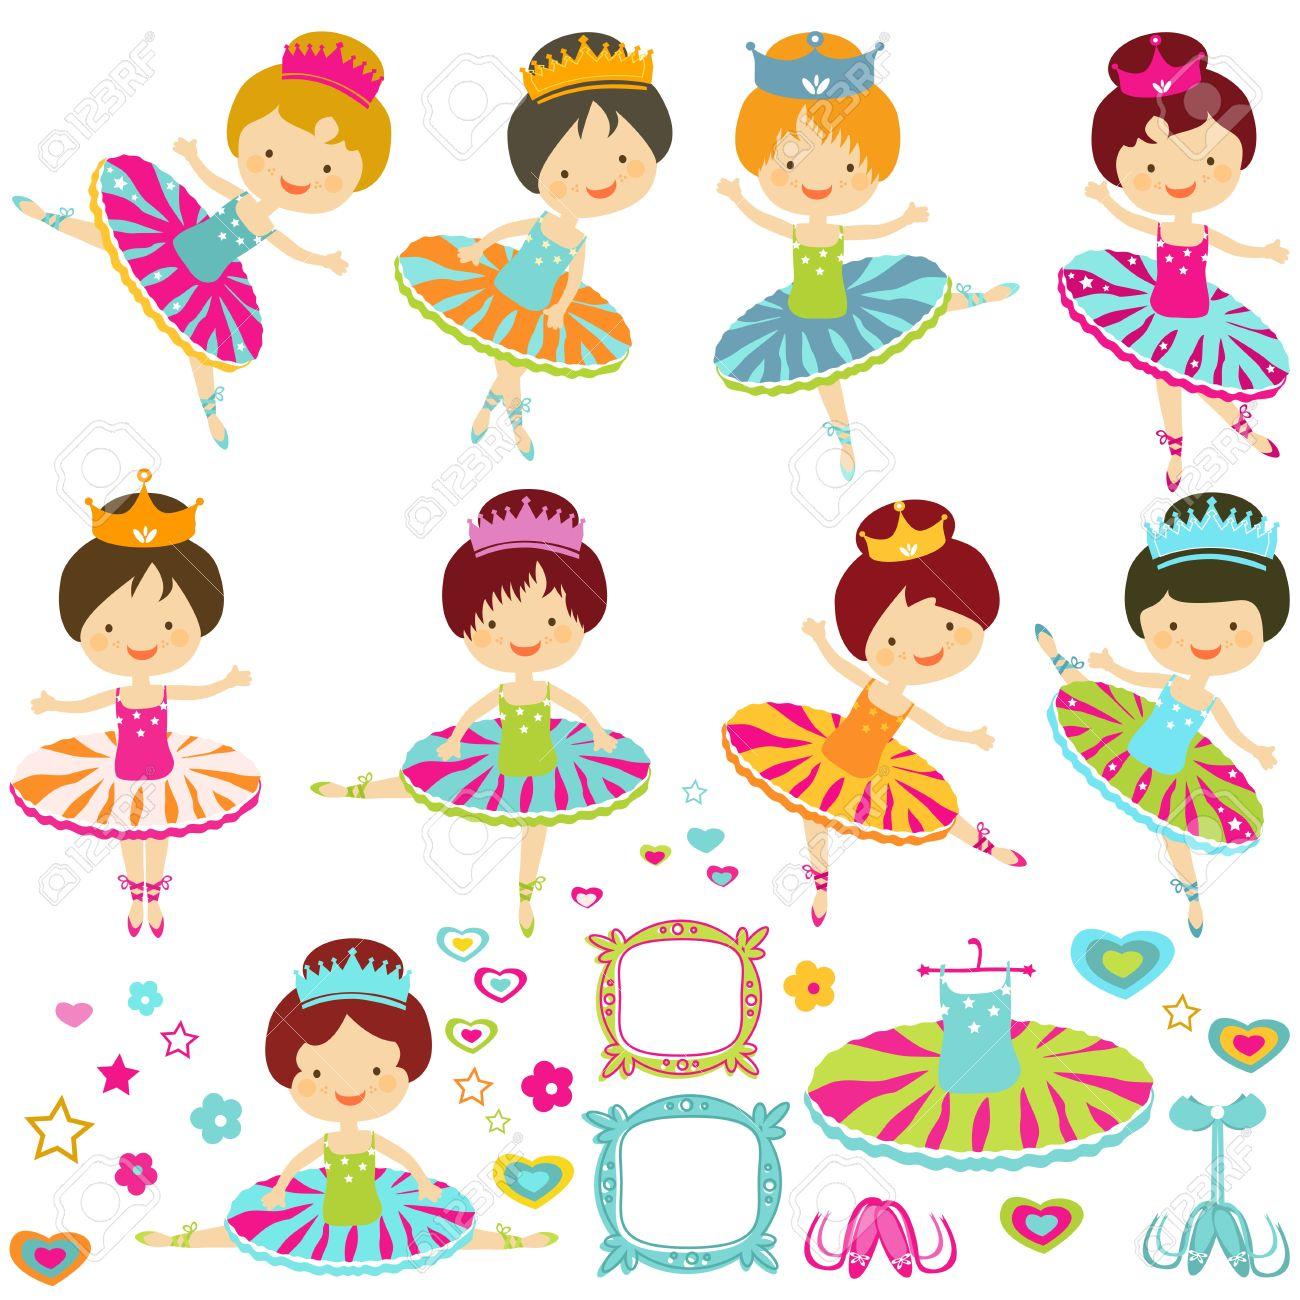 little ballerina set - 17438506